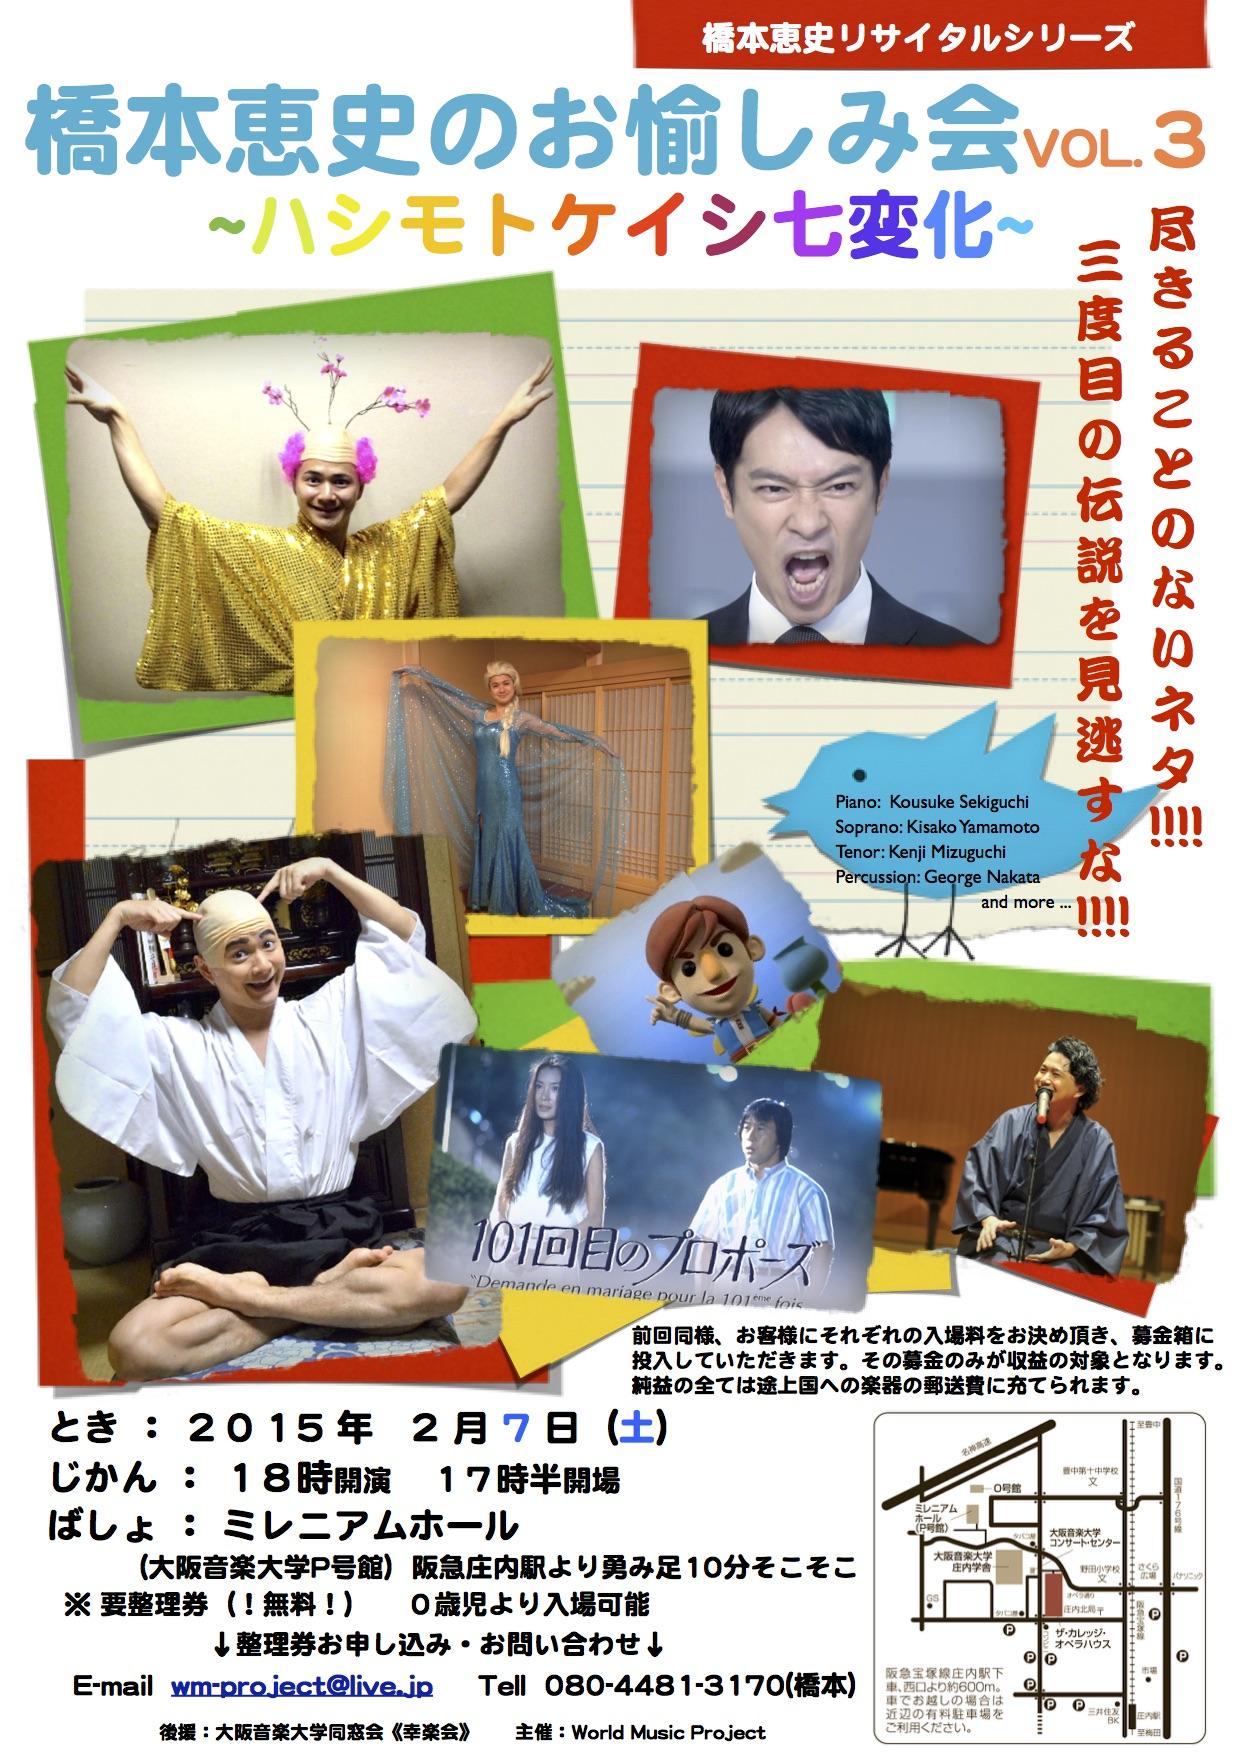 橋本恵史のお愉しみ会vol.3